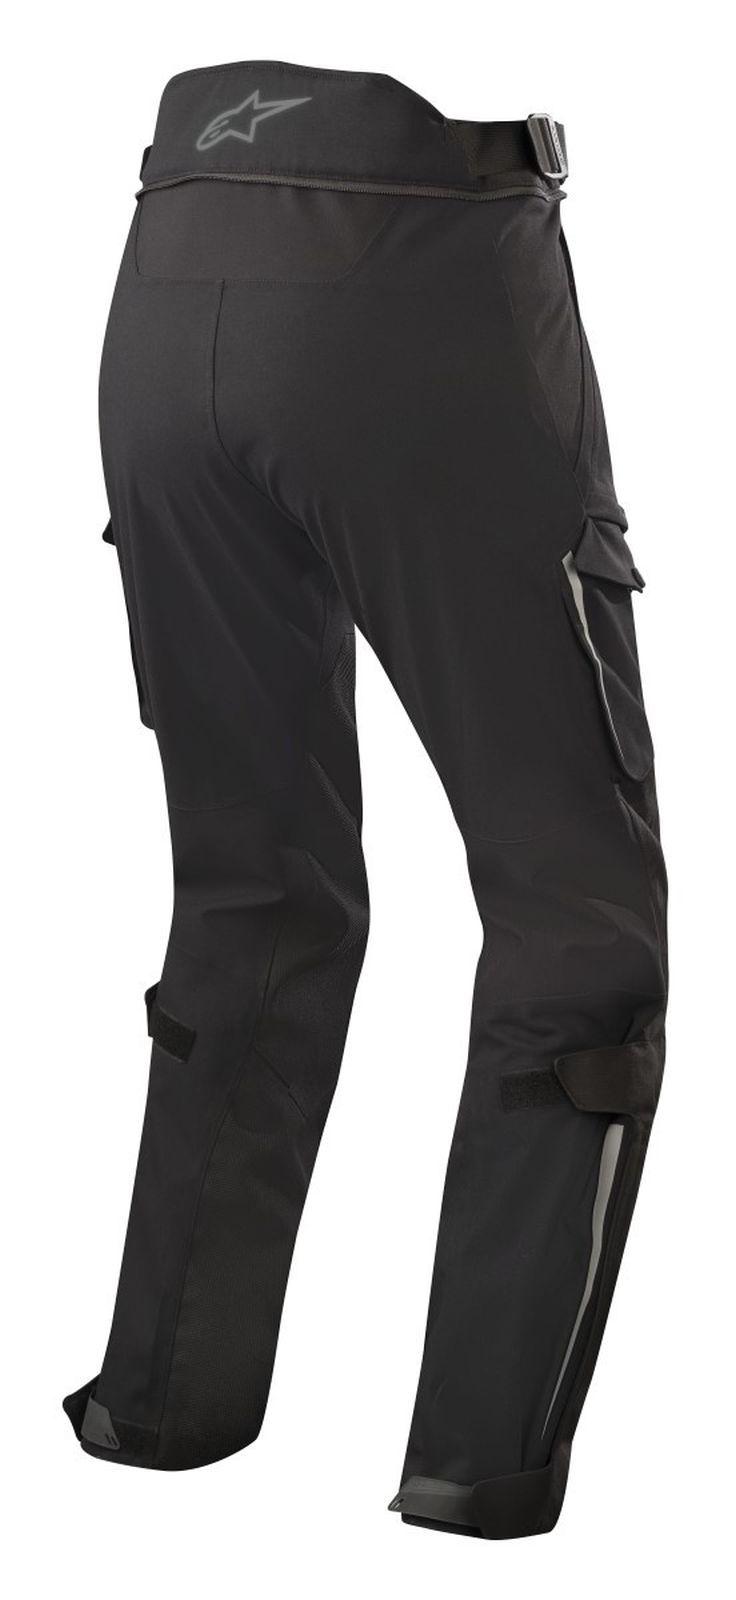 YAGUARA DRYSTAR PANTS